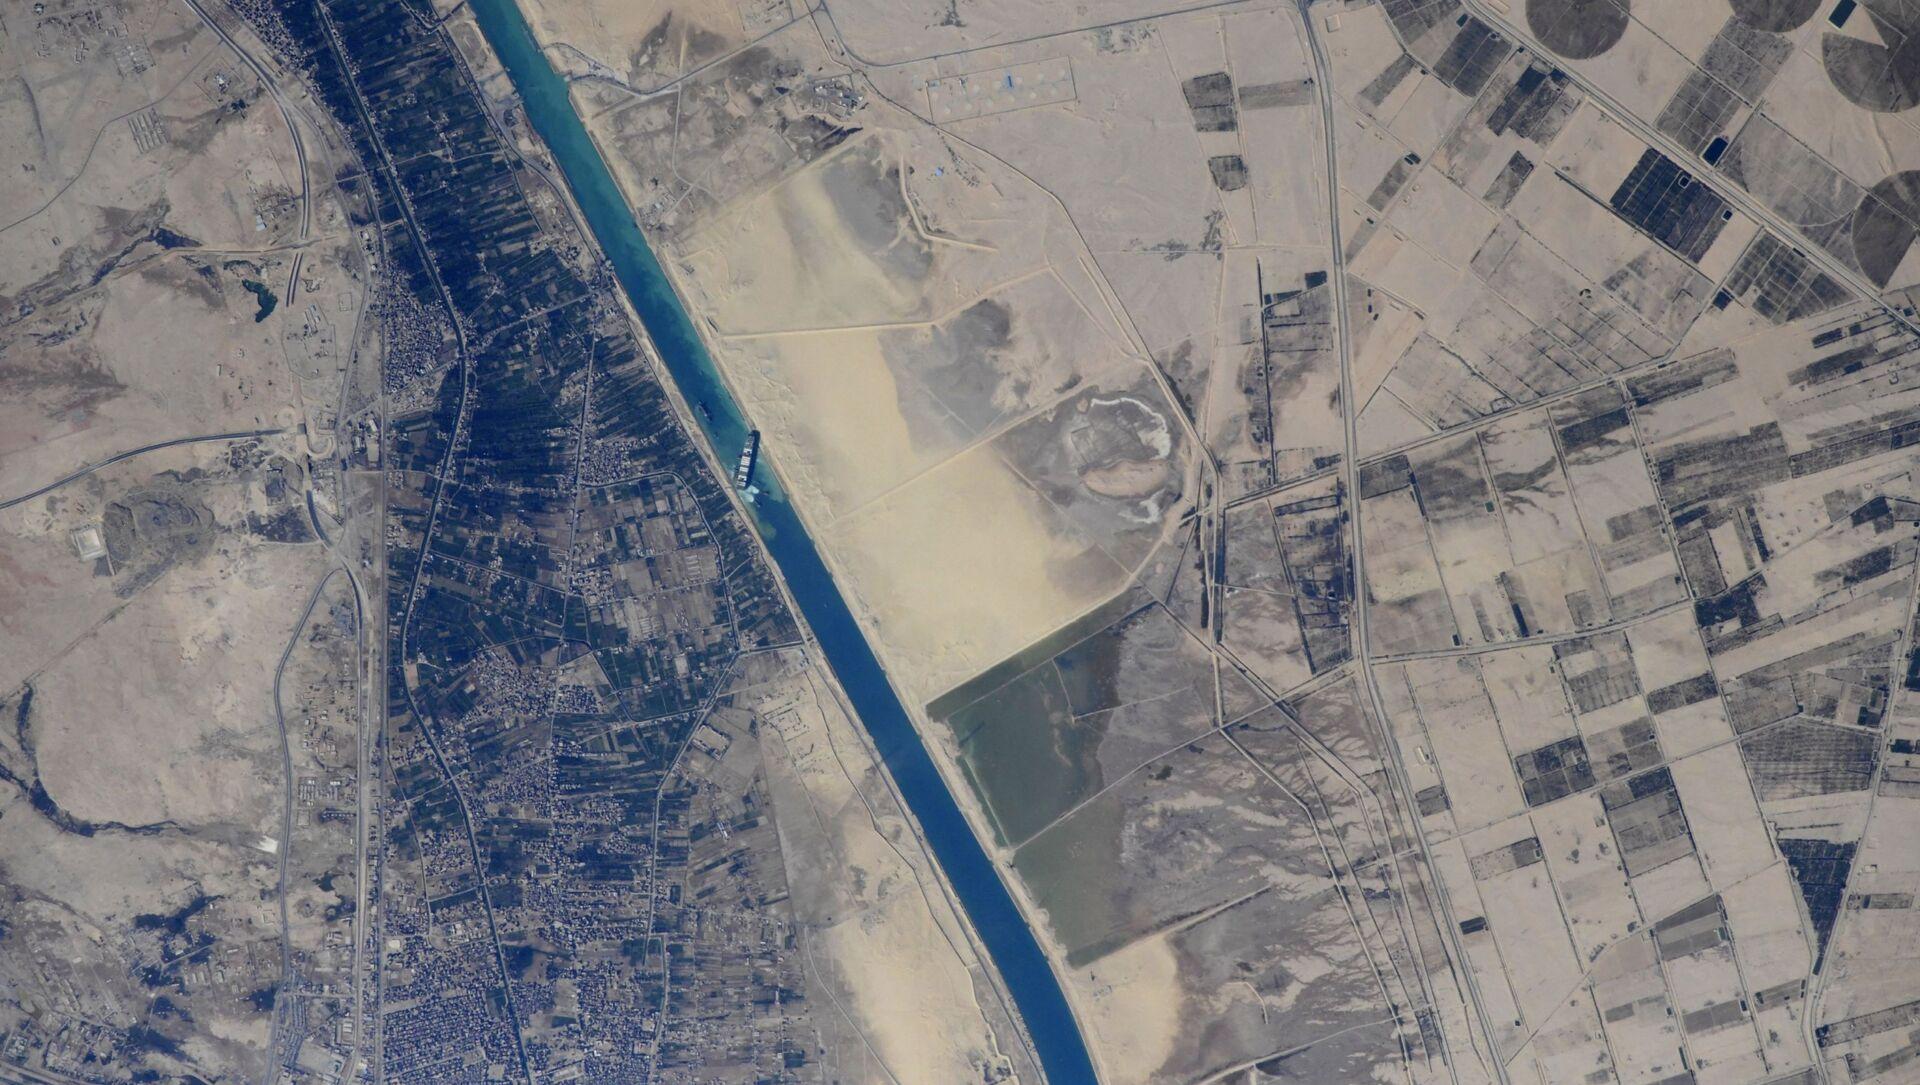 Astronauta fotografa dalla Iss la nave Ever Given arenata nel Canale di Suez  - Sputnik Italia, 1920, 27.03.2021